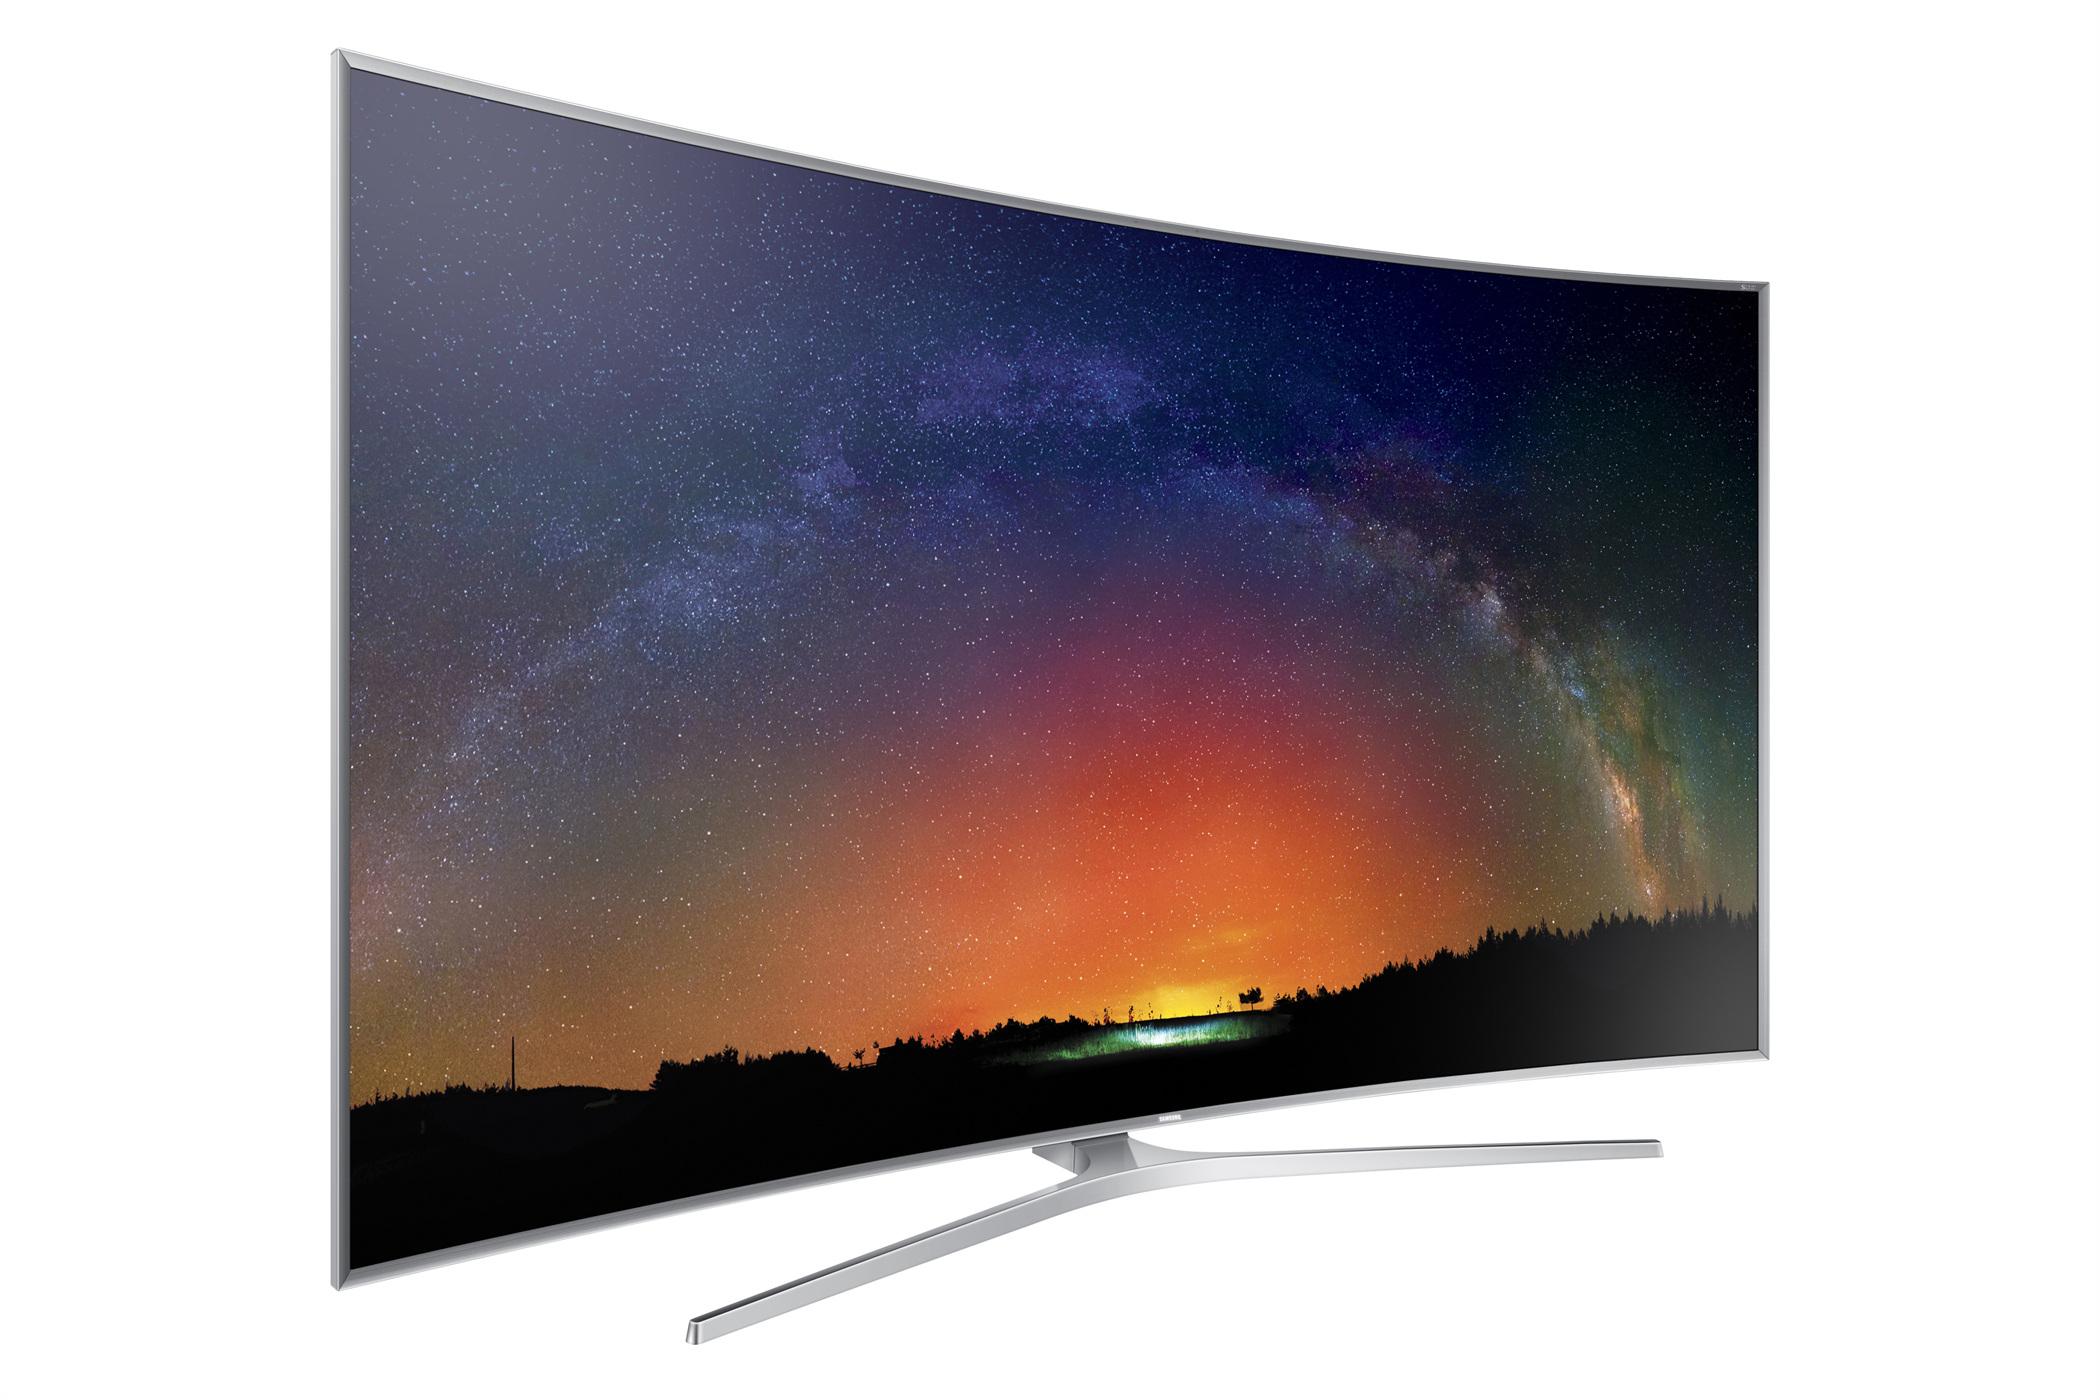 커브드 디자인이 돋보이는 SUHD TV의 측면 모습입니다